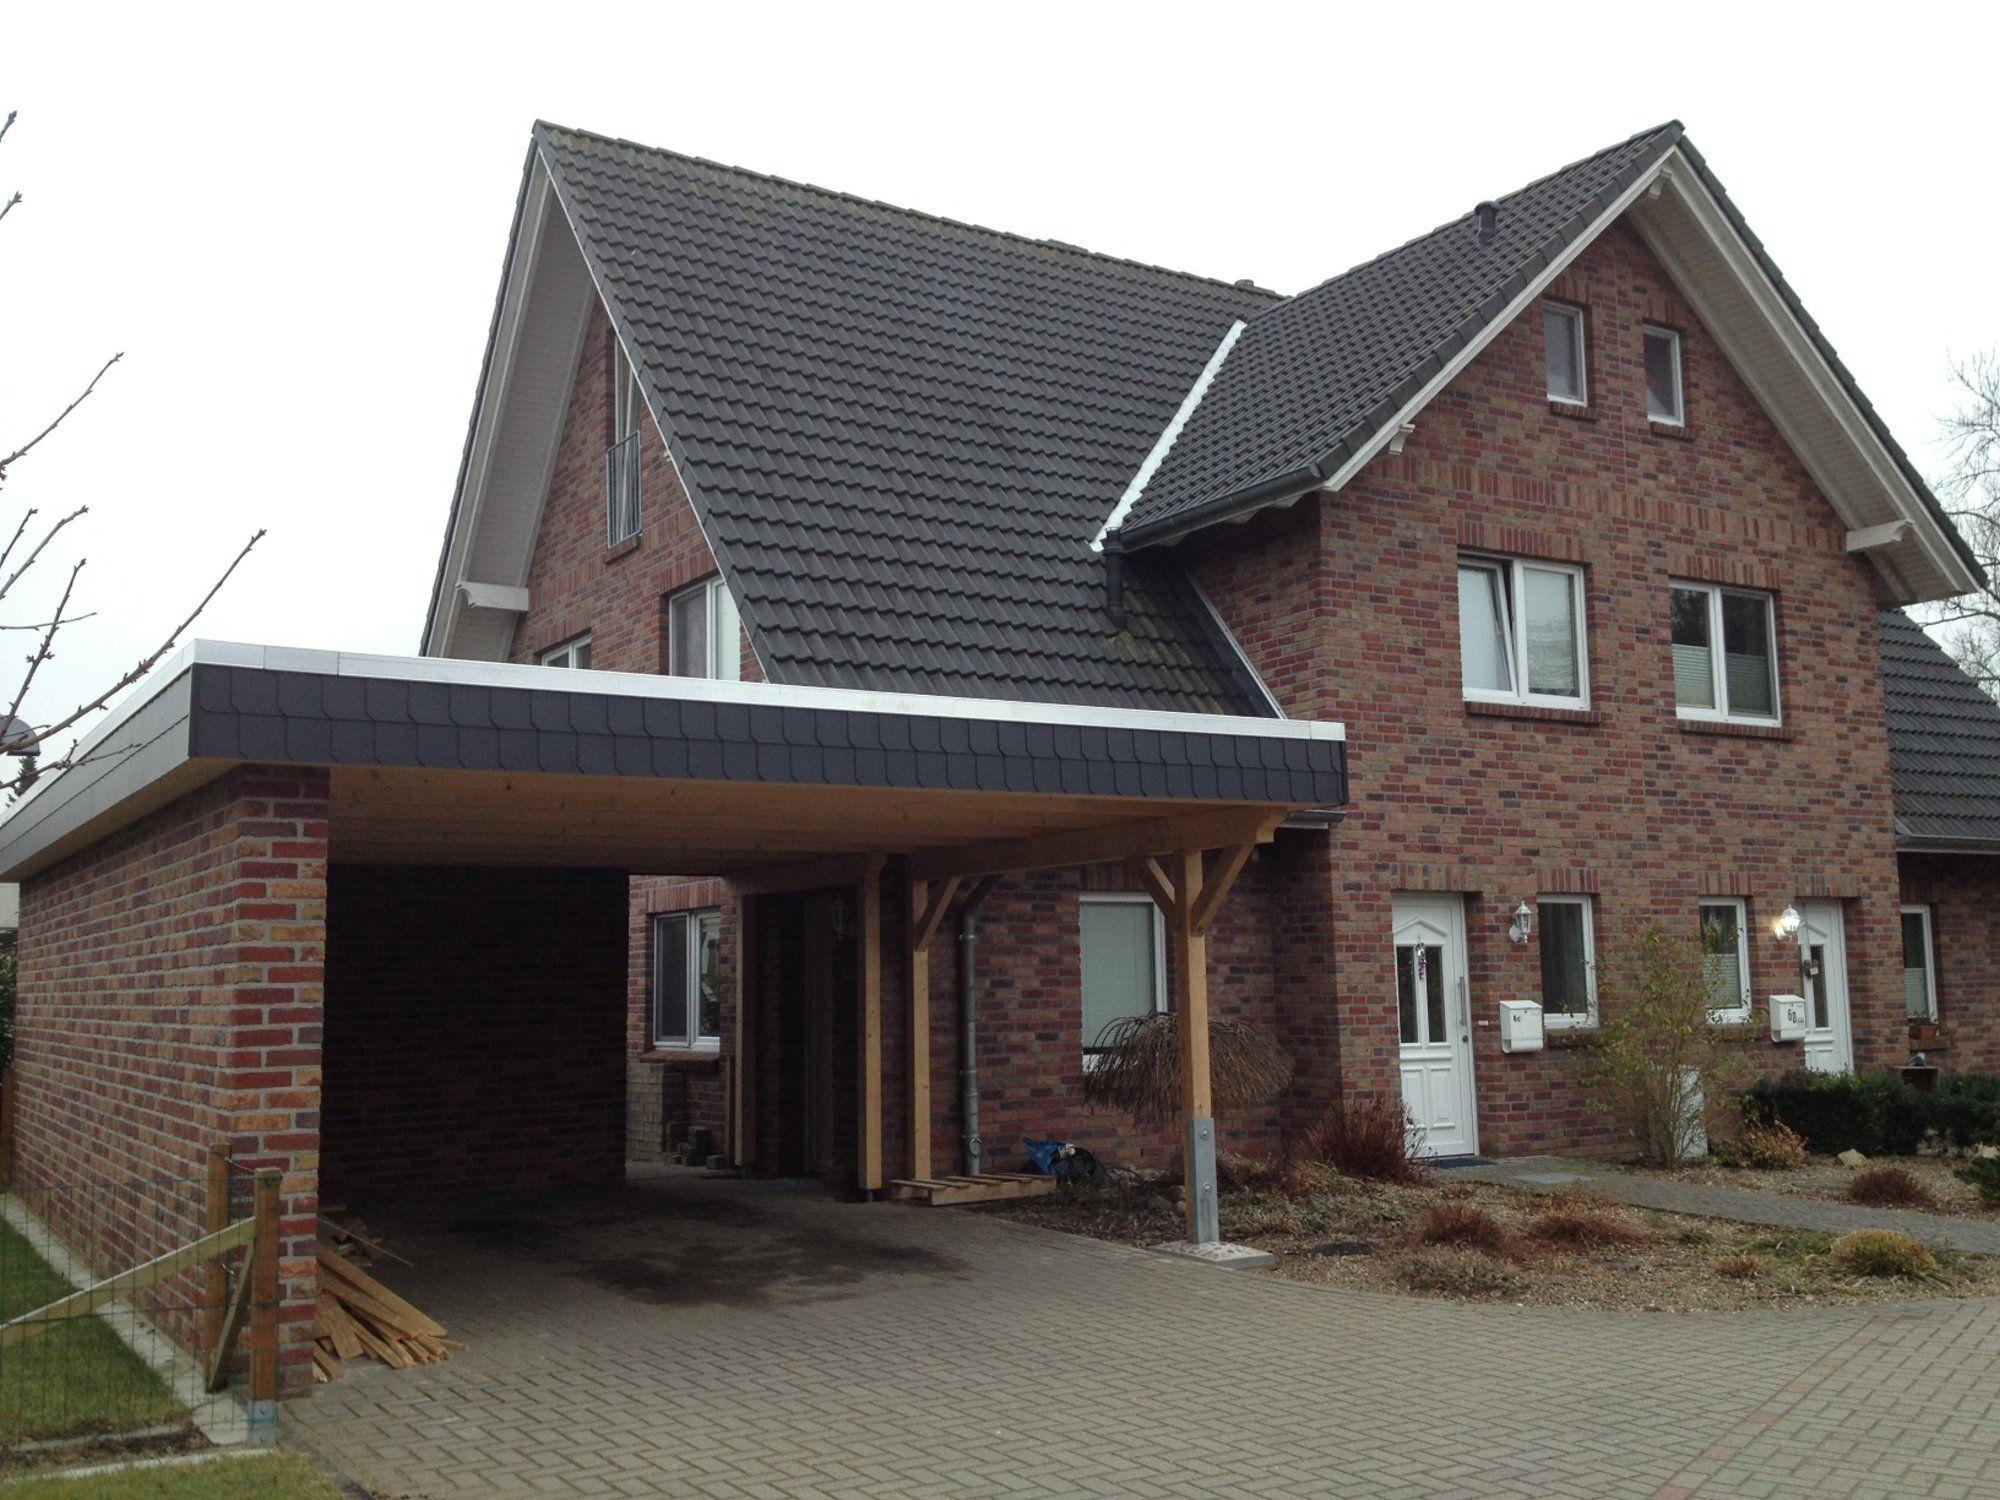 Stadtvilla mit garage und carport  Vorderansicht | Carport | Pinterest | Vorderansicht, Neubau und ...